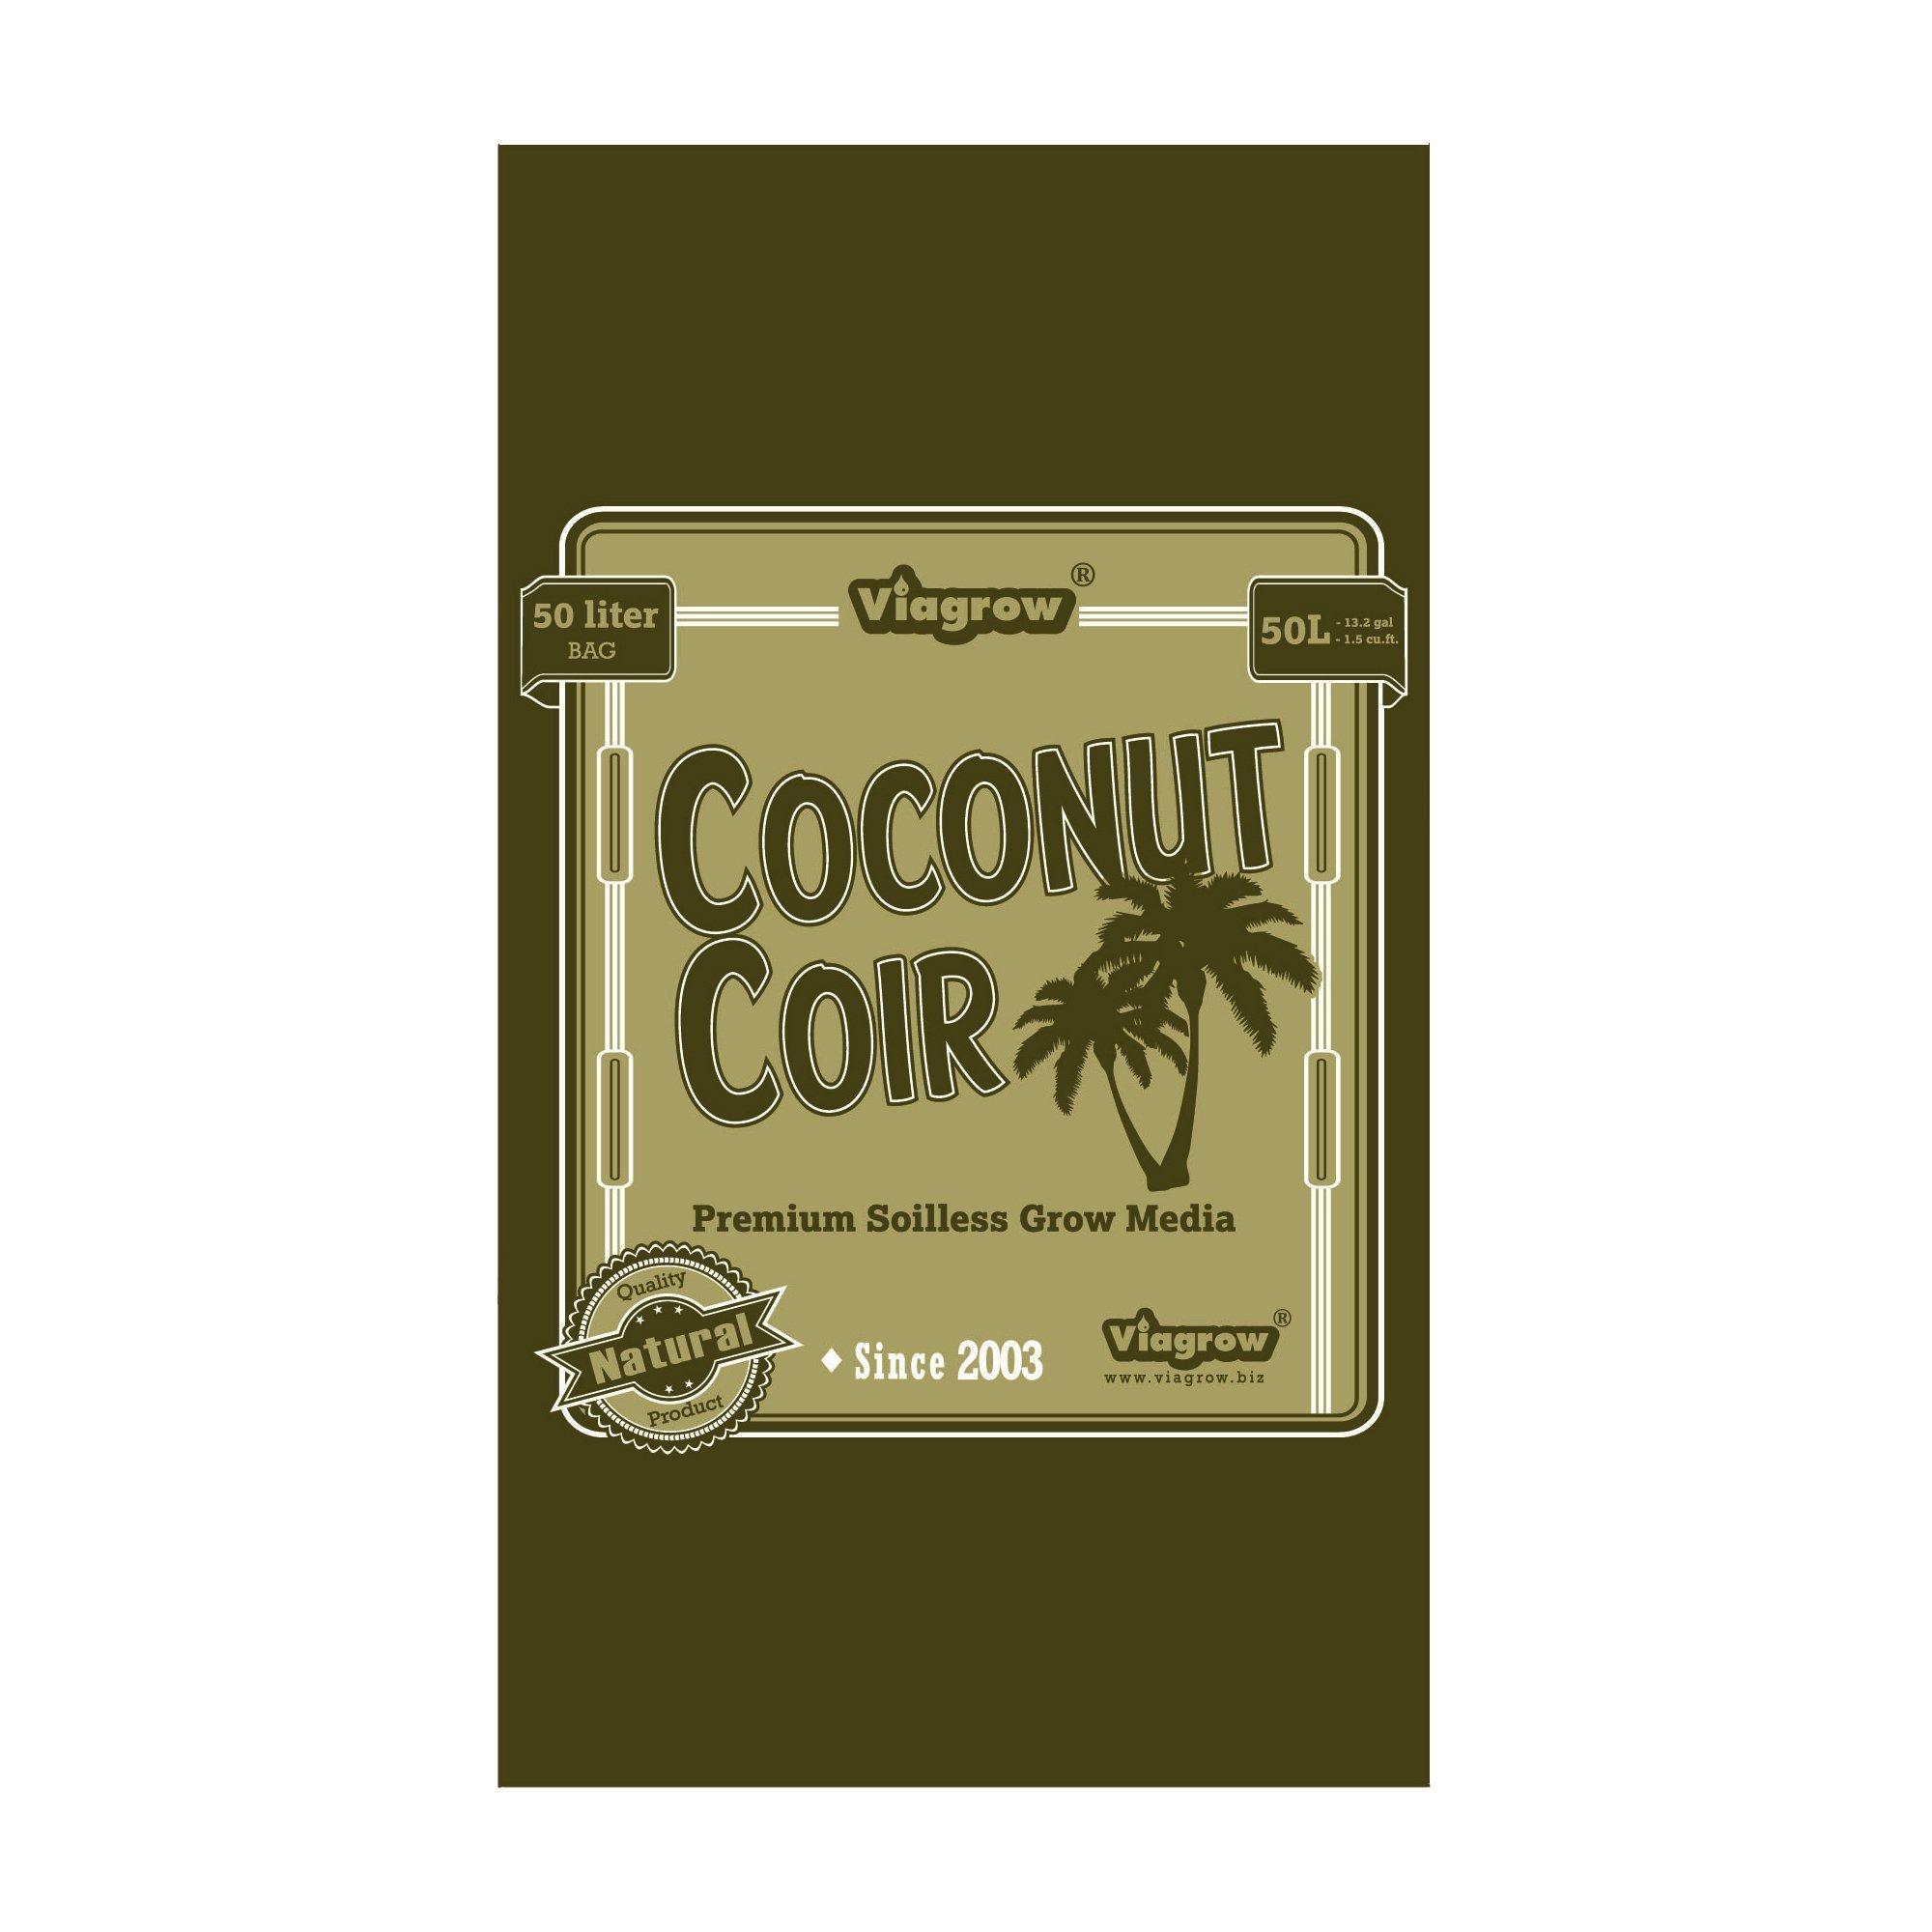 Viagrow 1.5 cu. Ft. Coco Coir Fluffed Coconut Pith Fiber Soilless Grow Media Bag